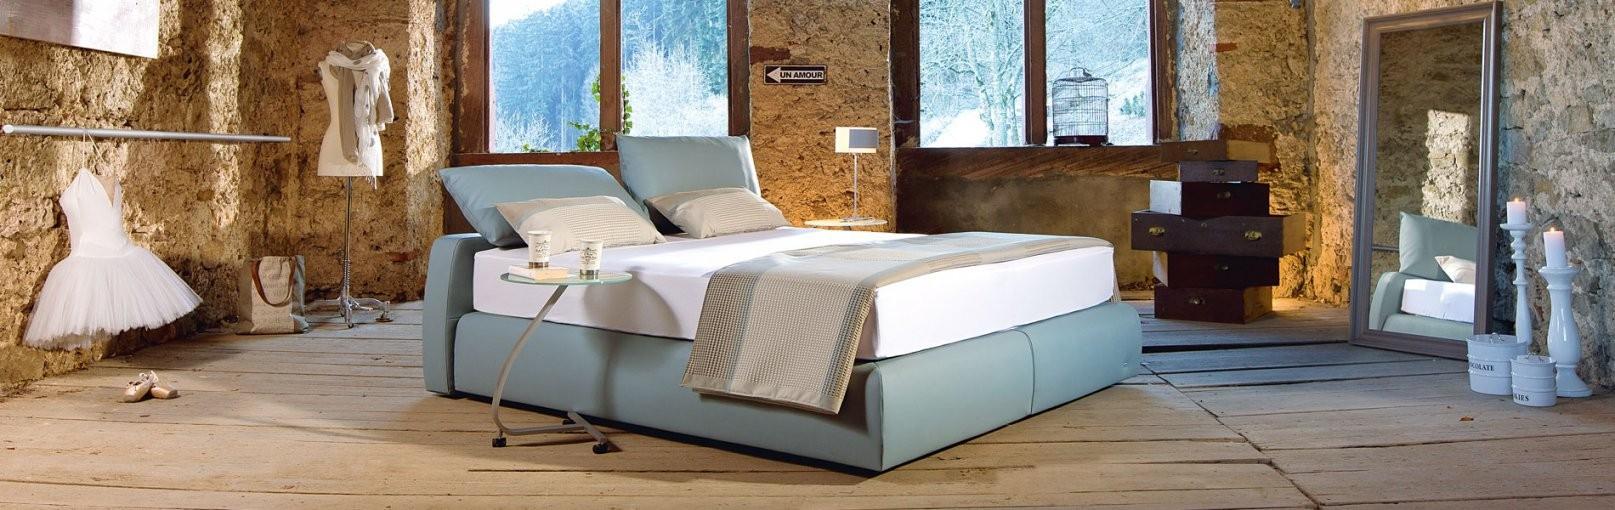 Ruf Bett Mit Bettkasten Groß Günstige Ruf Betten Matratzen Und von Ruf Betten Mit Bettkasten Photo